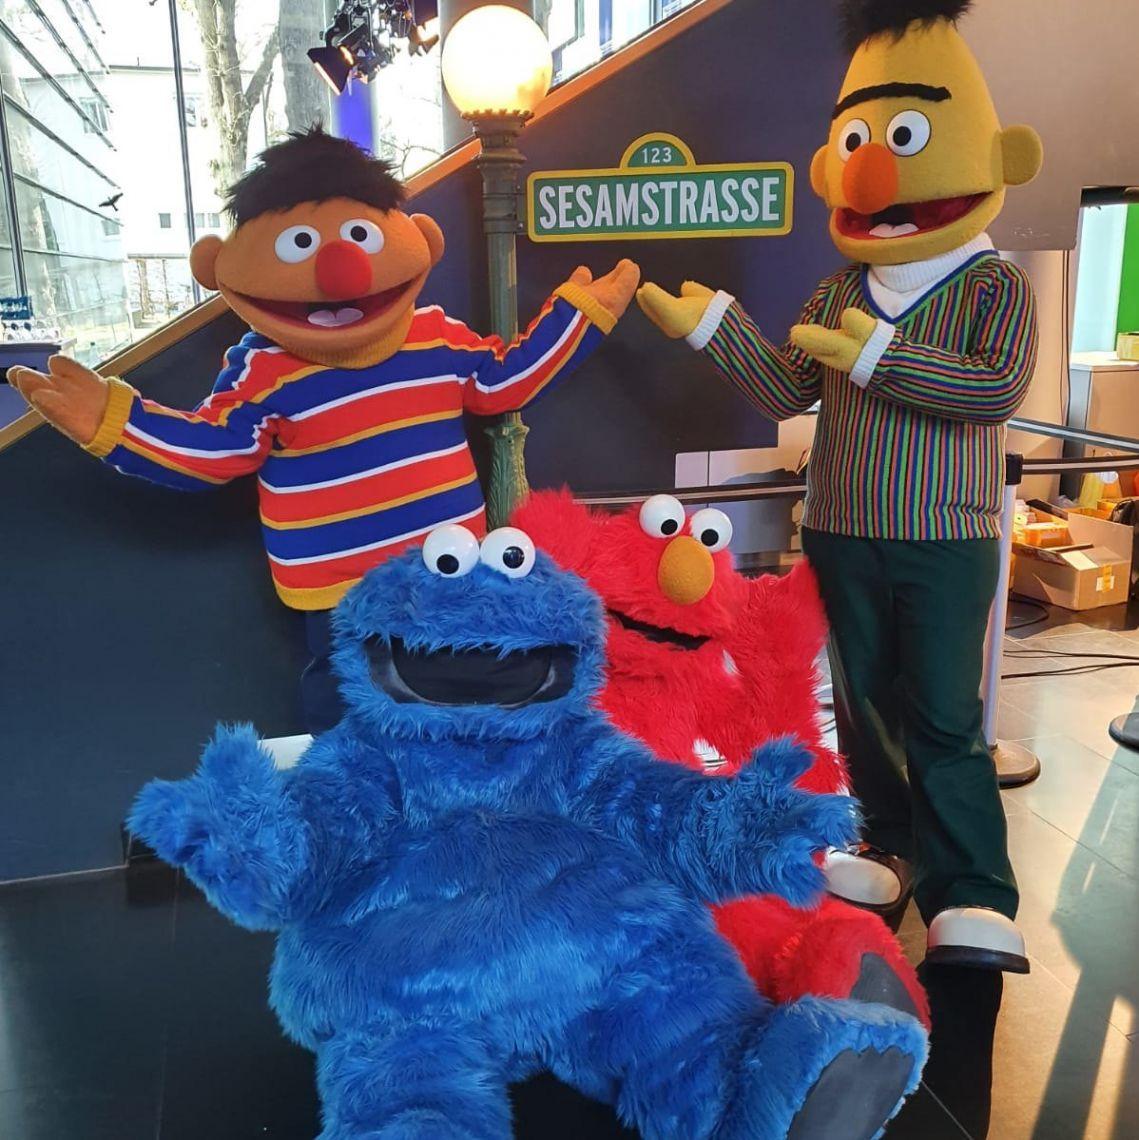 Ernie, Bert, Krümelmonster, Elmo Diese und weitere Helden aus der Sesamstrasse, exklusive Lizenzcharaktere für Ihren Veranstaltungserfolg